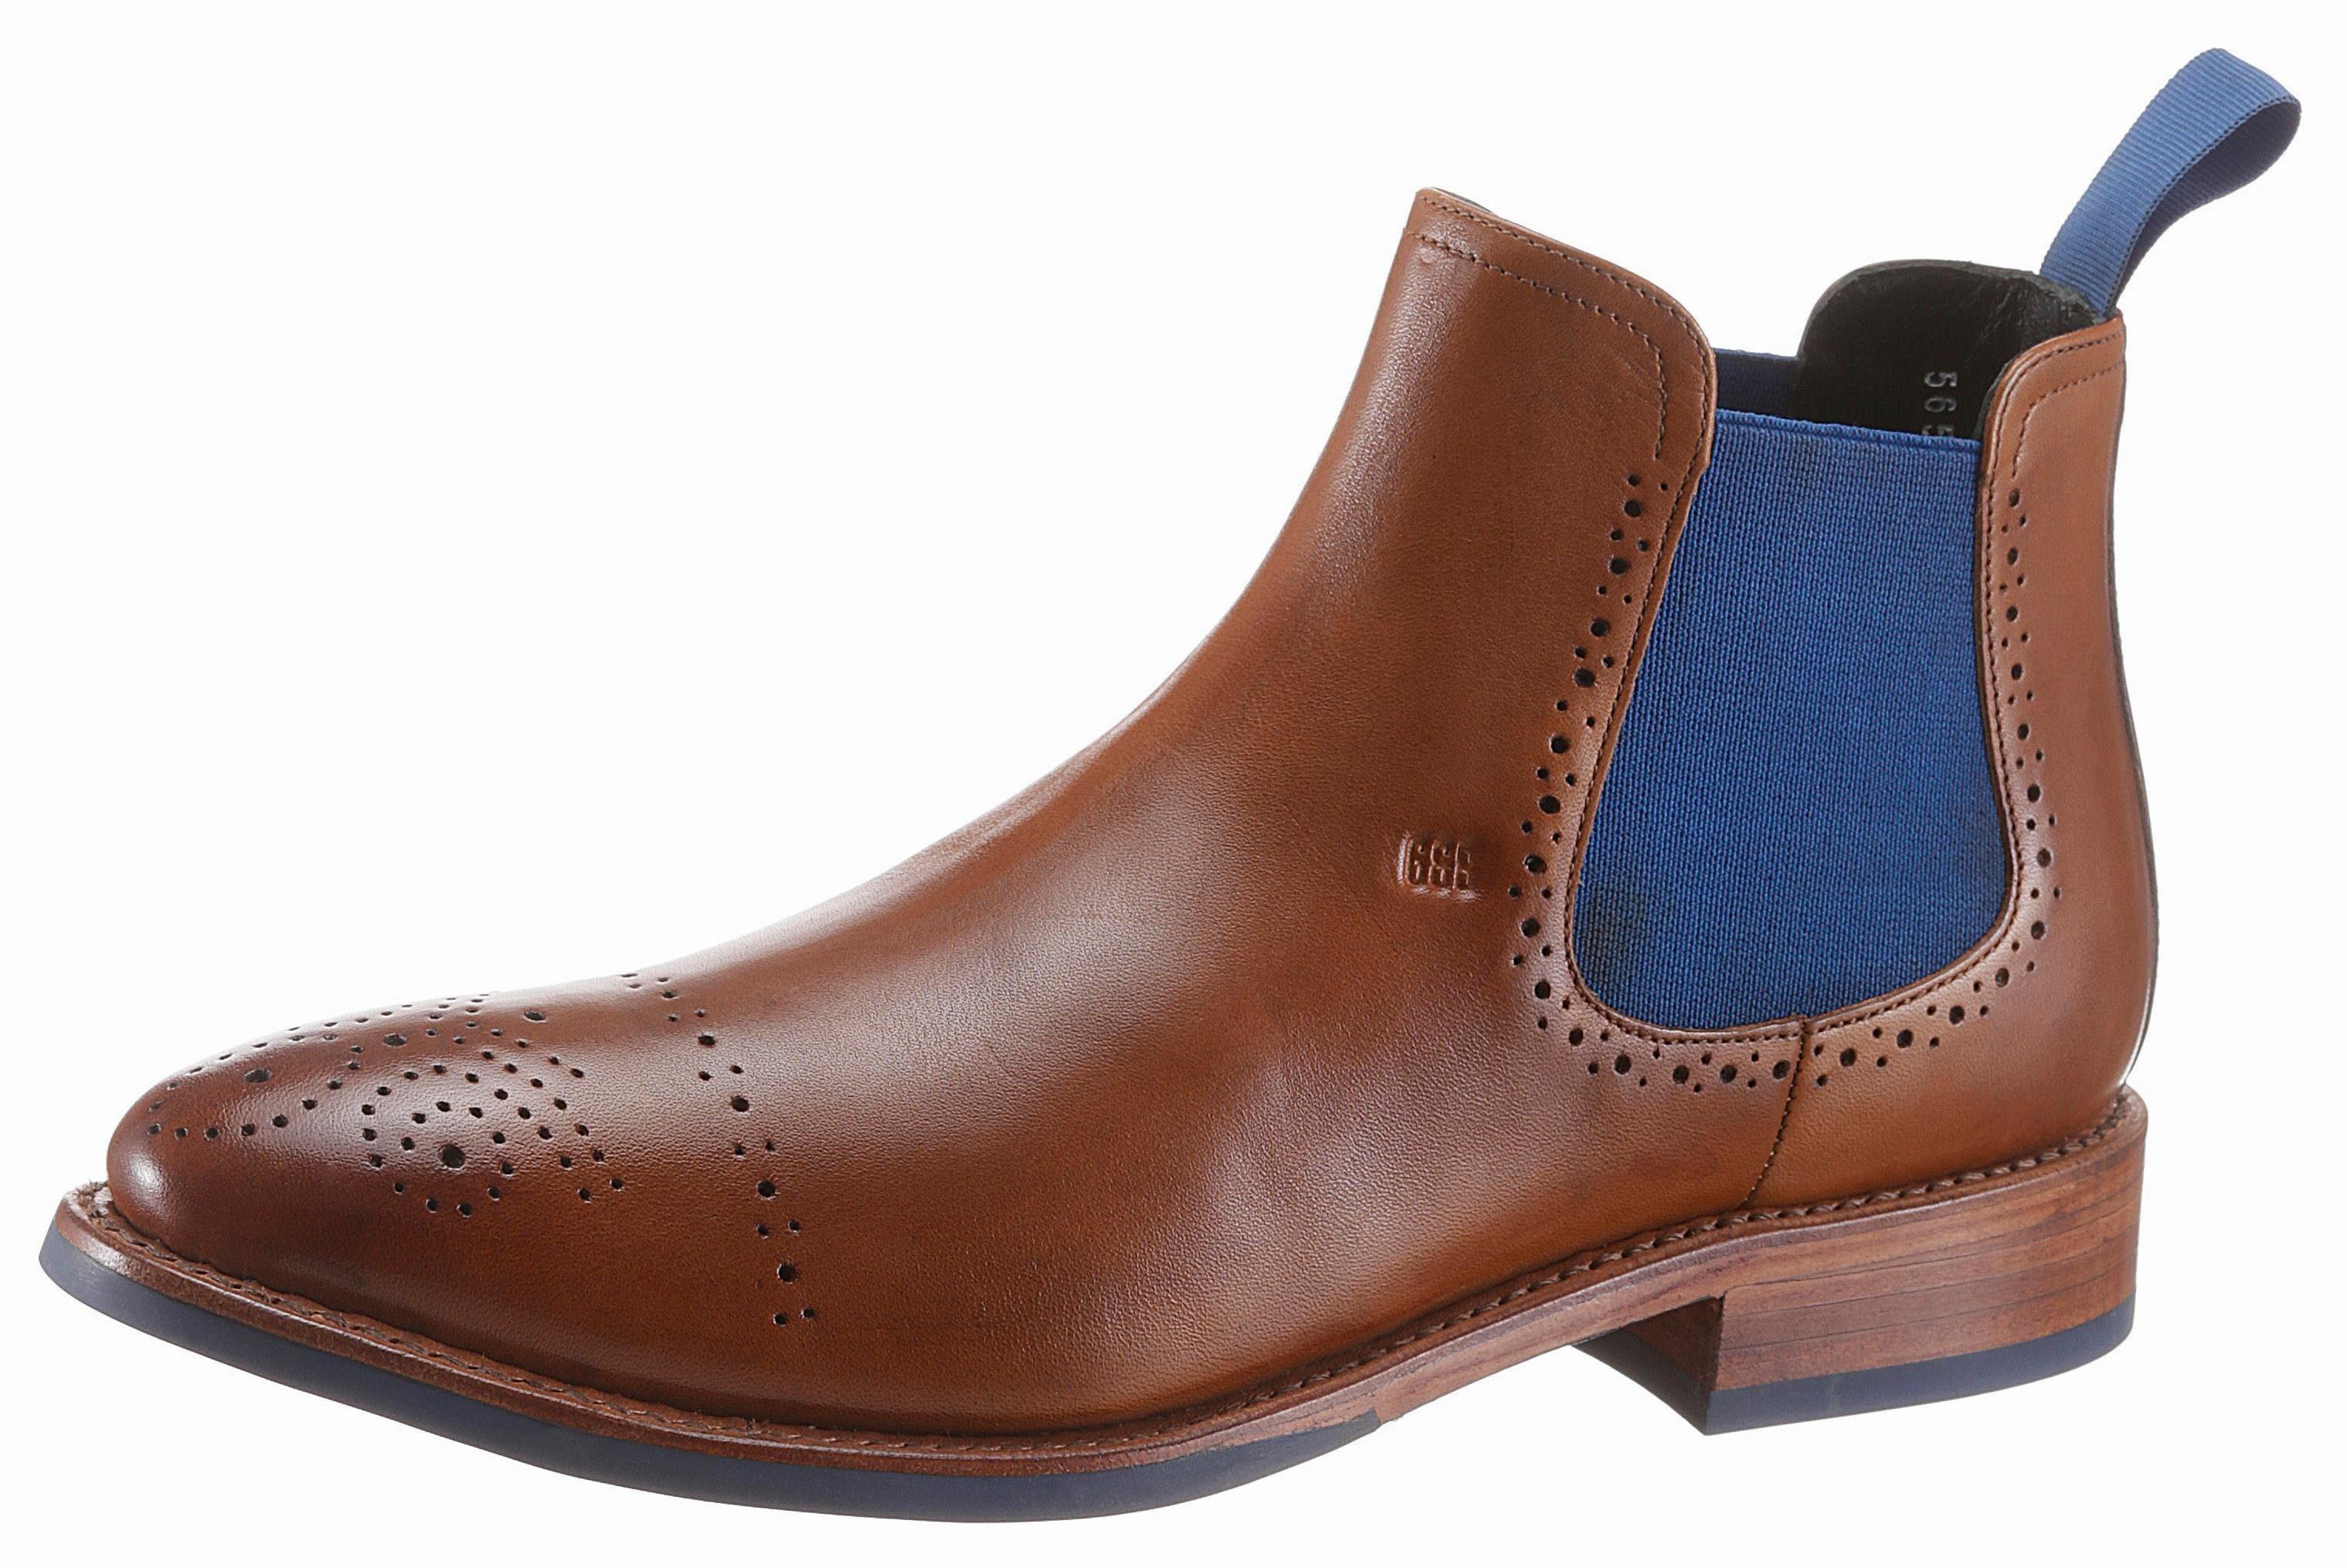 GORDON & BROS Bojan Chelseaboots, mit kontrastfarbenen Stretcheinsatz online kaufen  cognac-used-finish